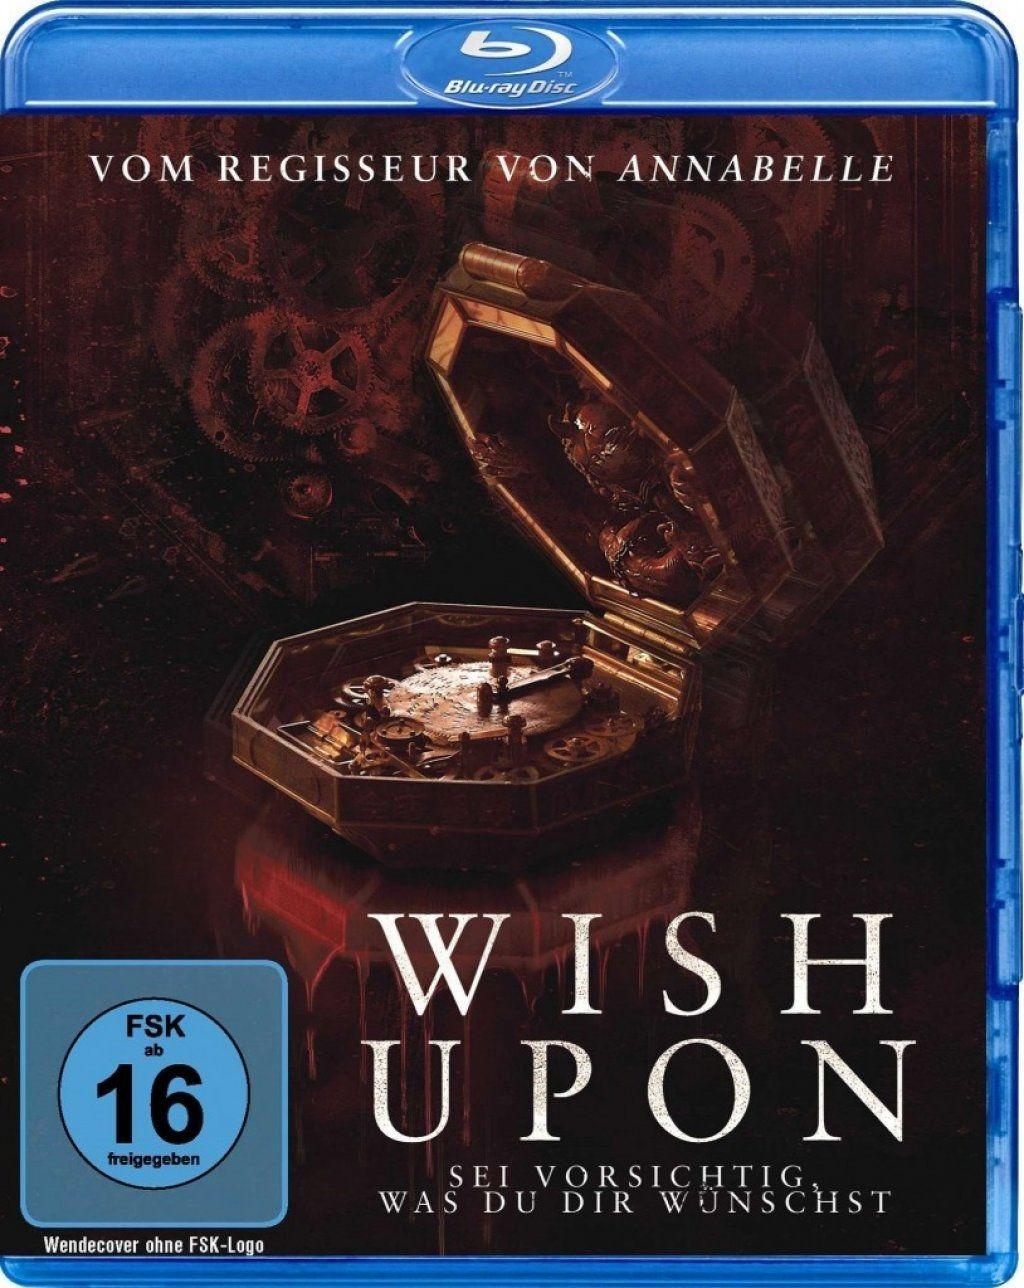 Wish Upon - Sei vorsichtig, was Du Dir wünscht! (BLURAY)